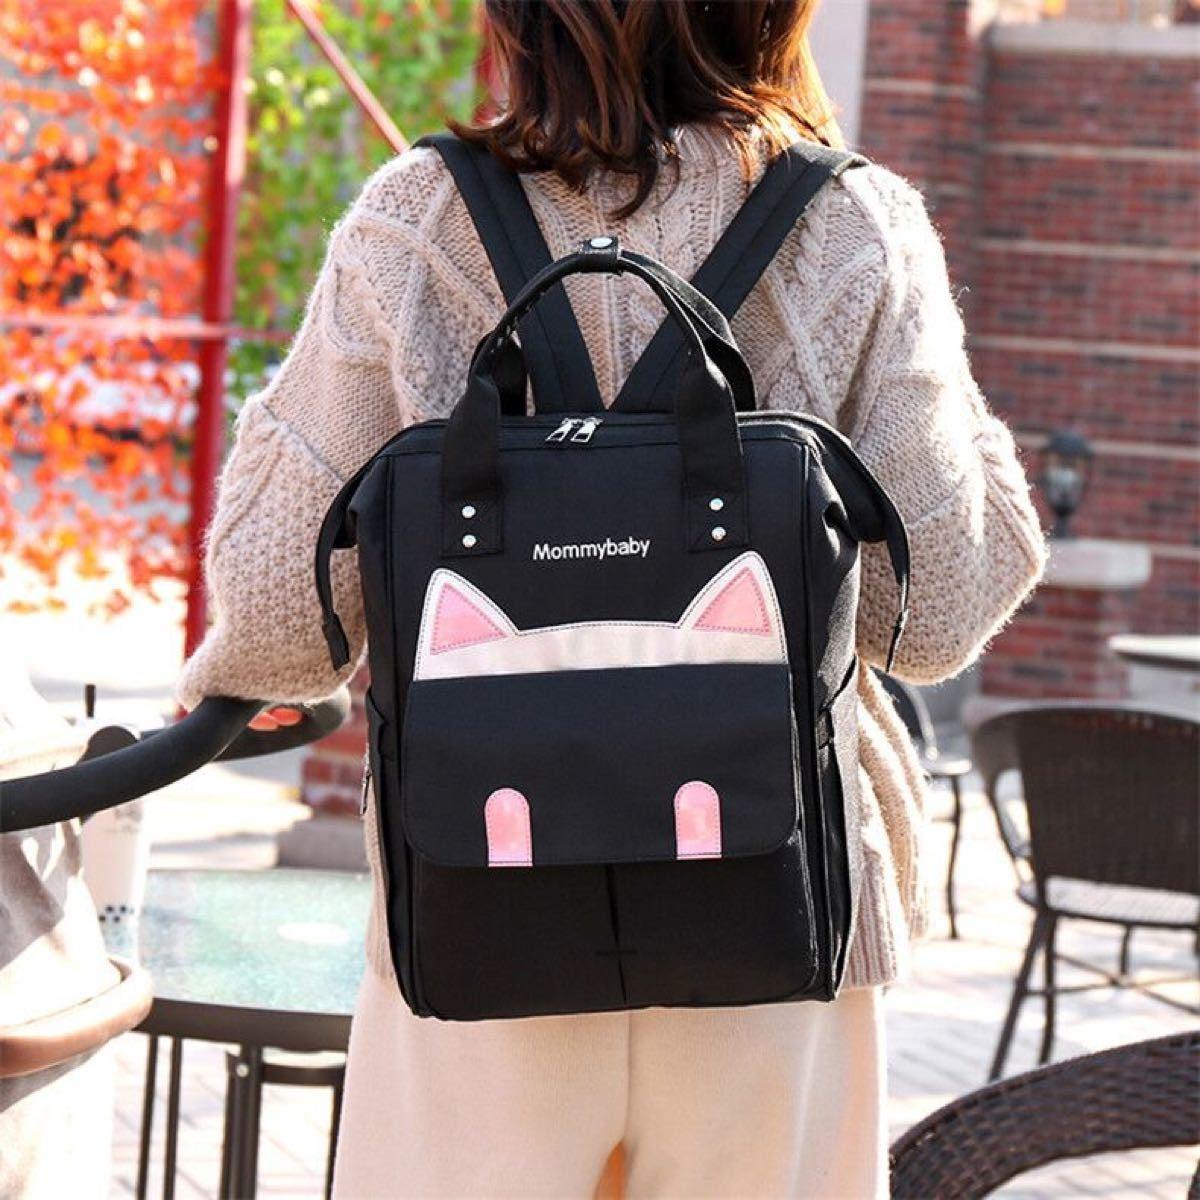 マザーズバッグ リュック ママバッグ レディース バッグ 軽量 大容量 黒色 多機能 2wayバッグ バックパック